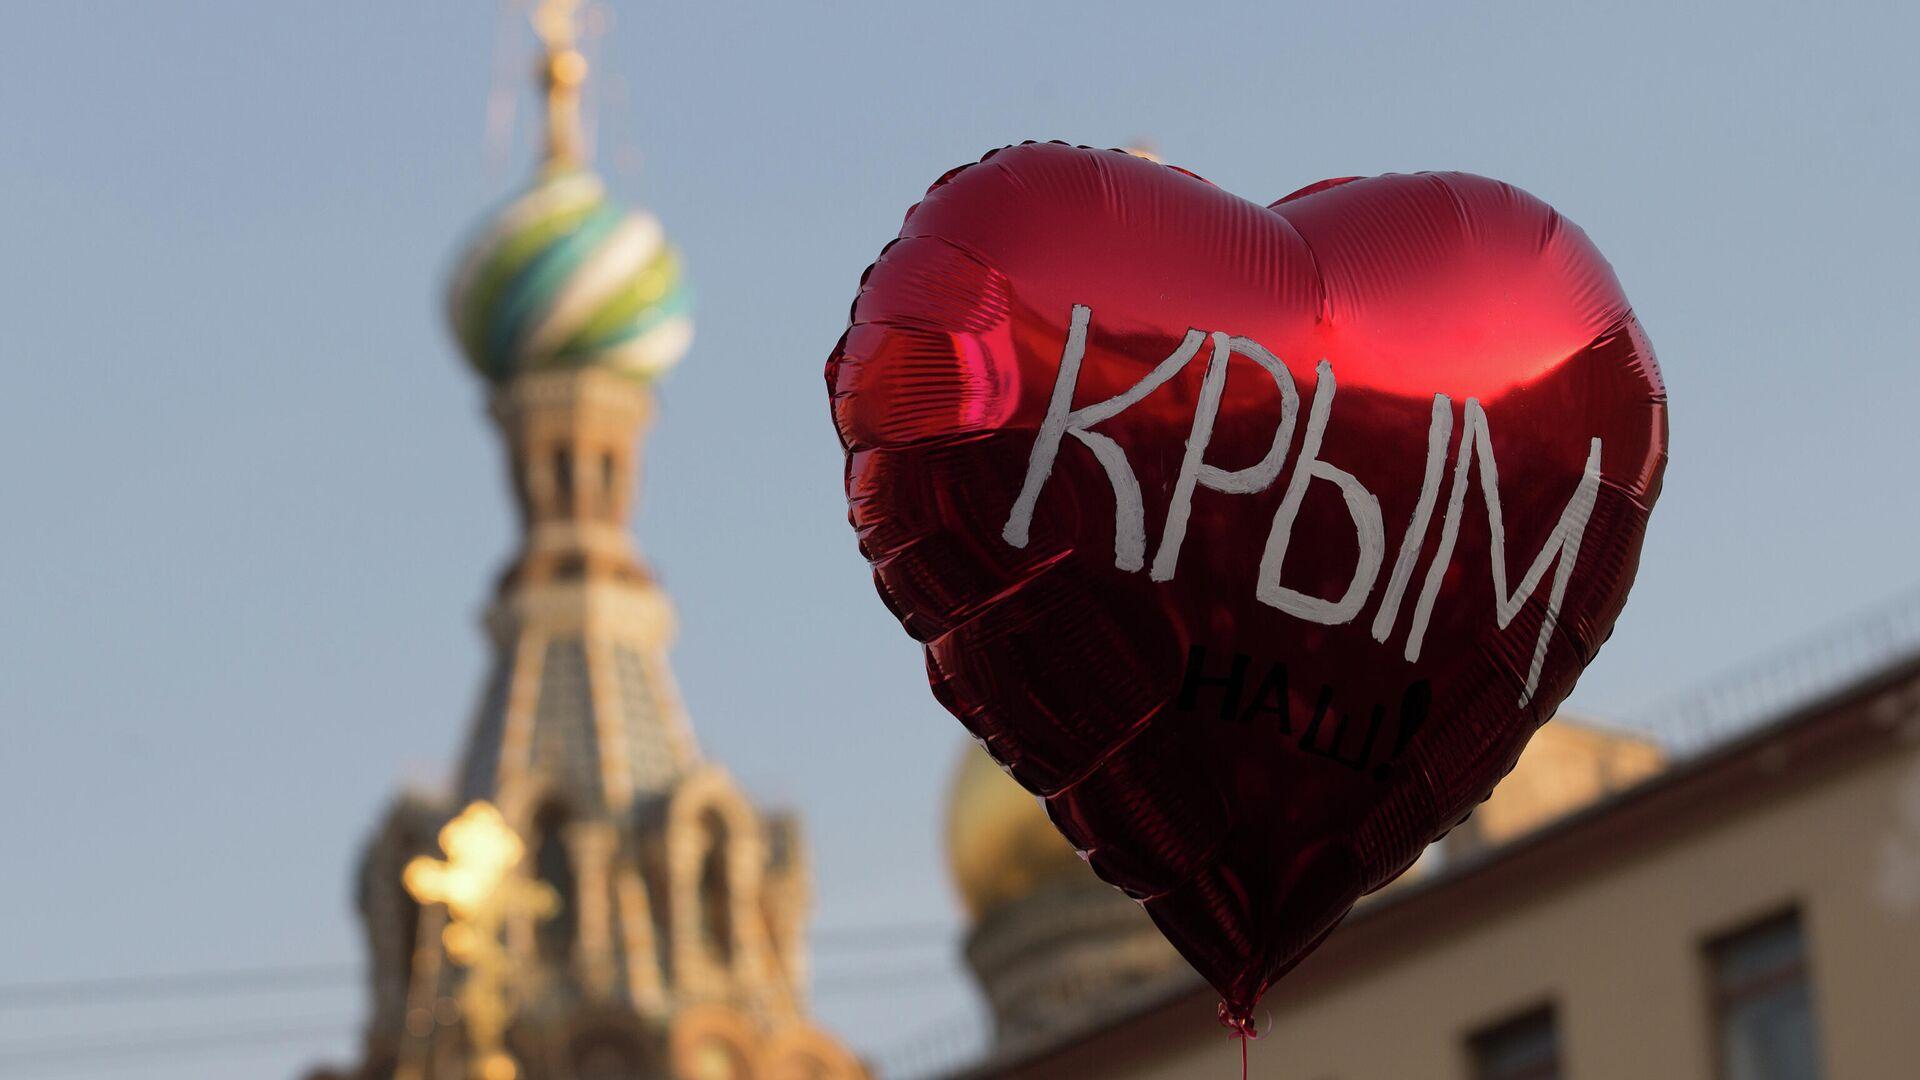 Воздушный шар во время праздничного митинга в Санкт-Петербурге в честь воссоединения Крыма и Севастополя с Россией - РИА Новости, 1920, 13.03.2021